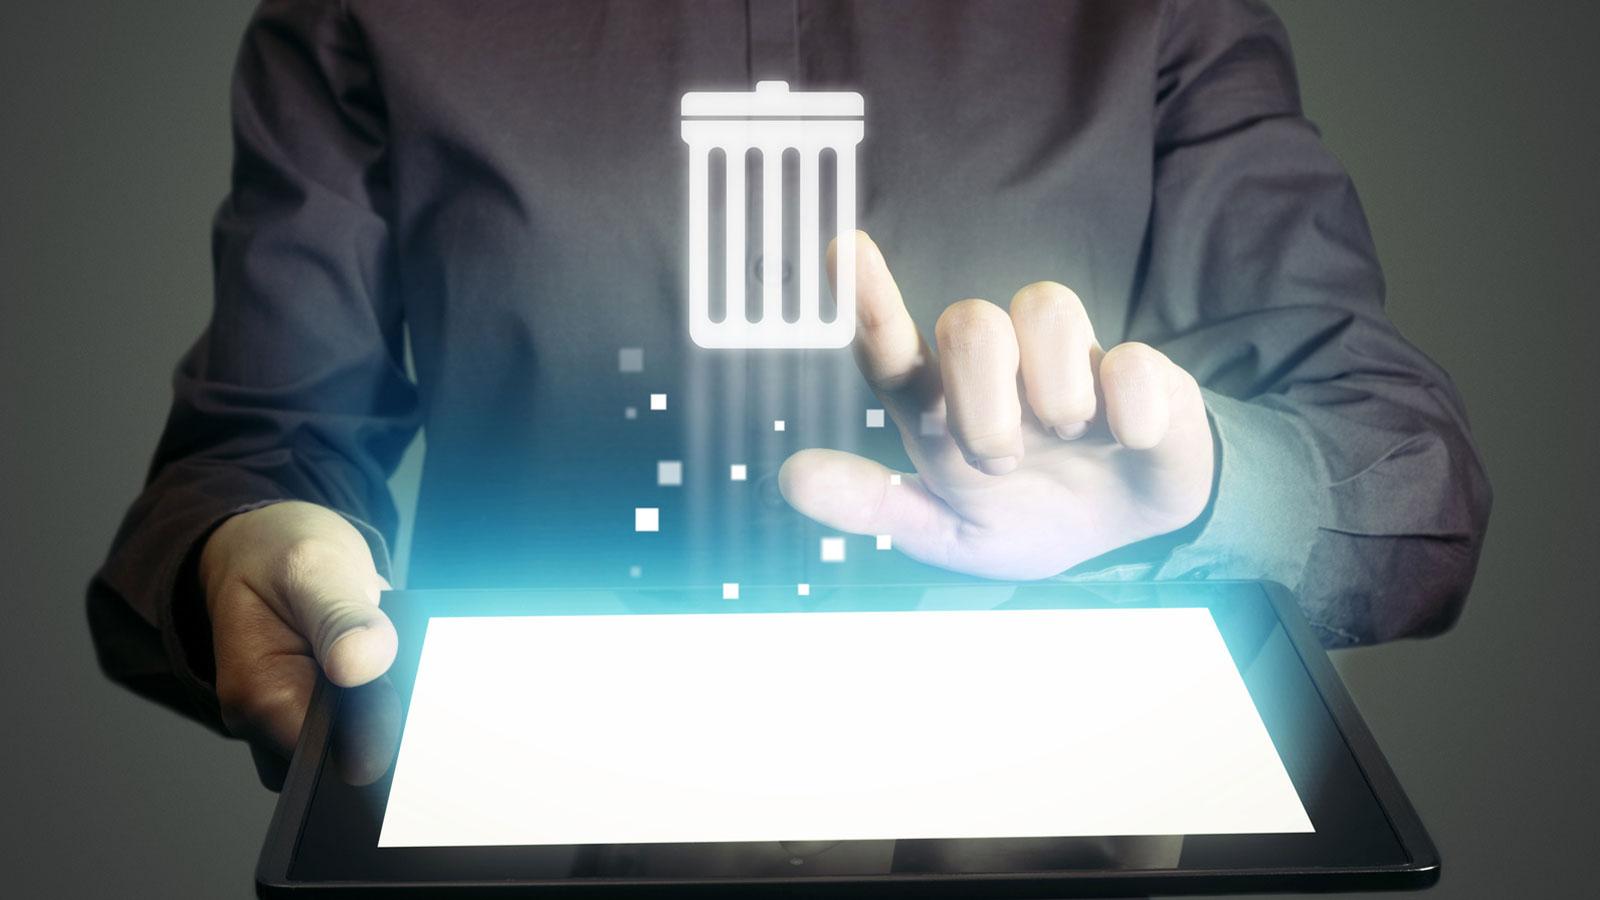 iOS: Daten von iPhone oder iPad unwiderruflich löschen